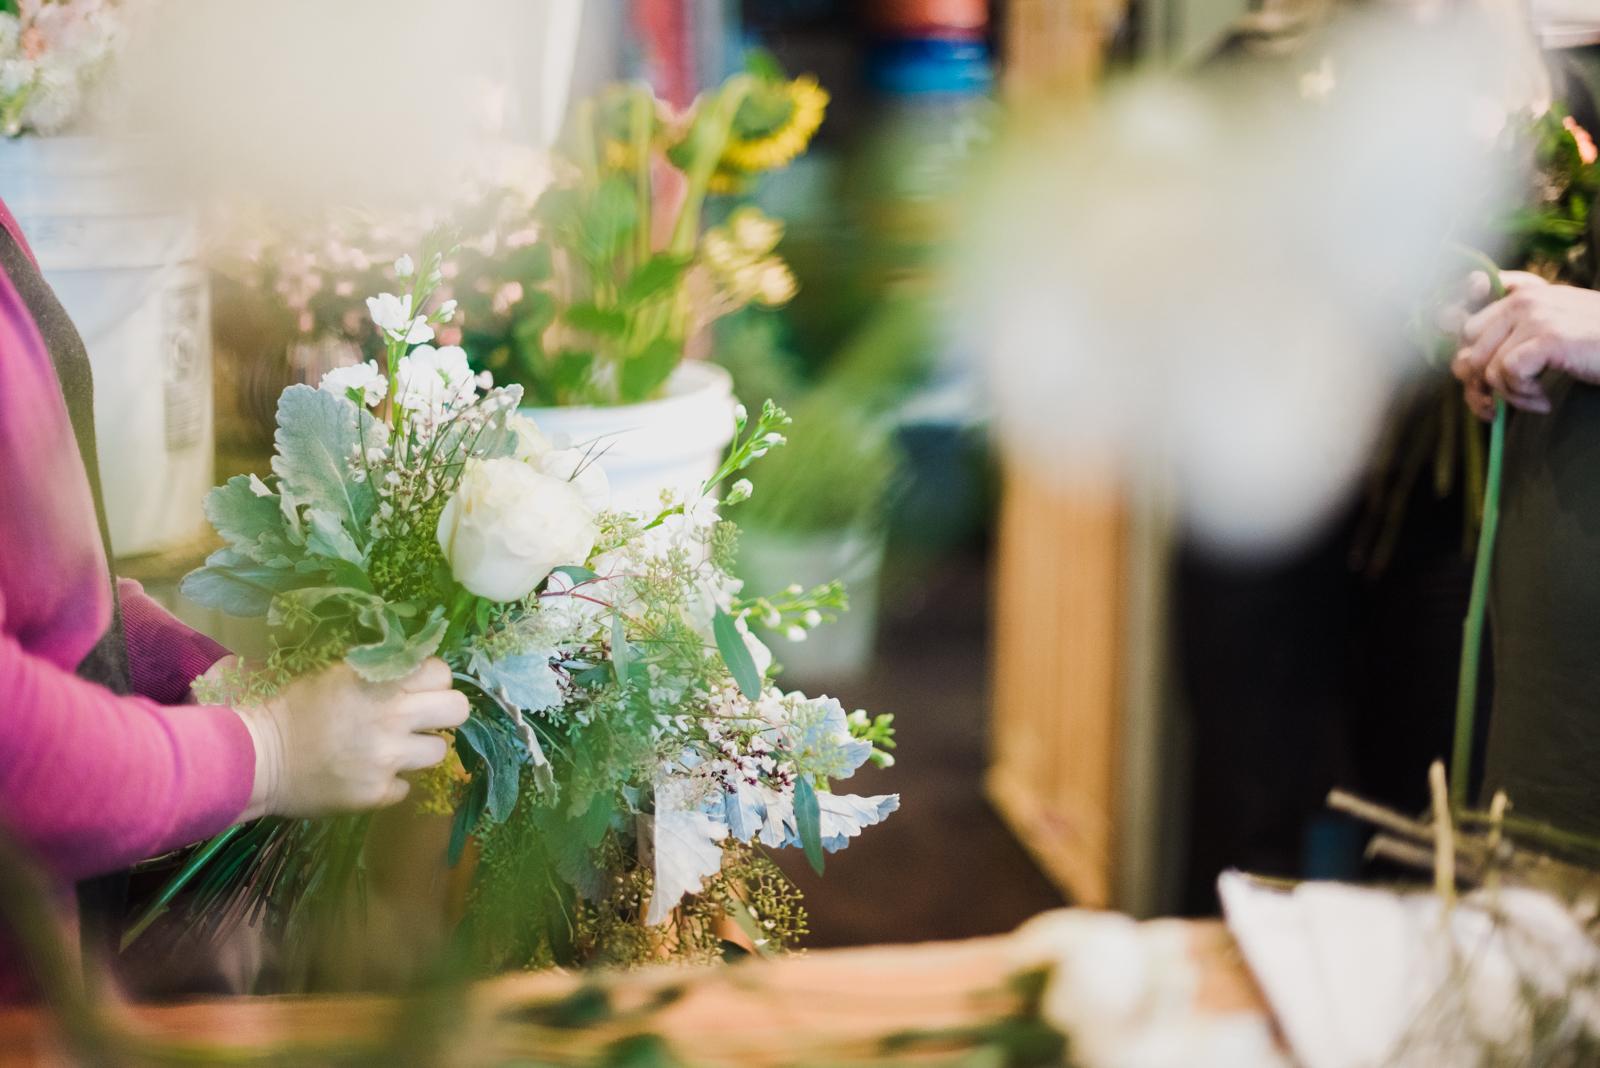 Blooms_Garden_Shop_Hattiesburg_Vendor_Florist-8.jpg